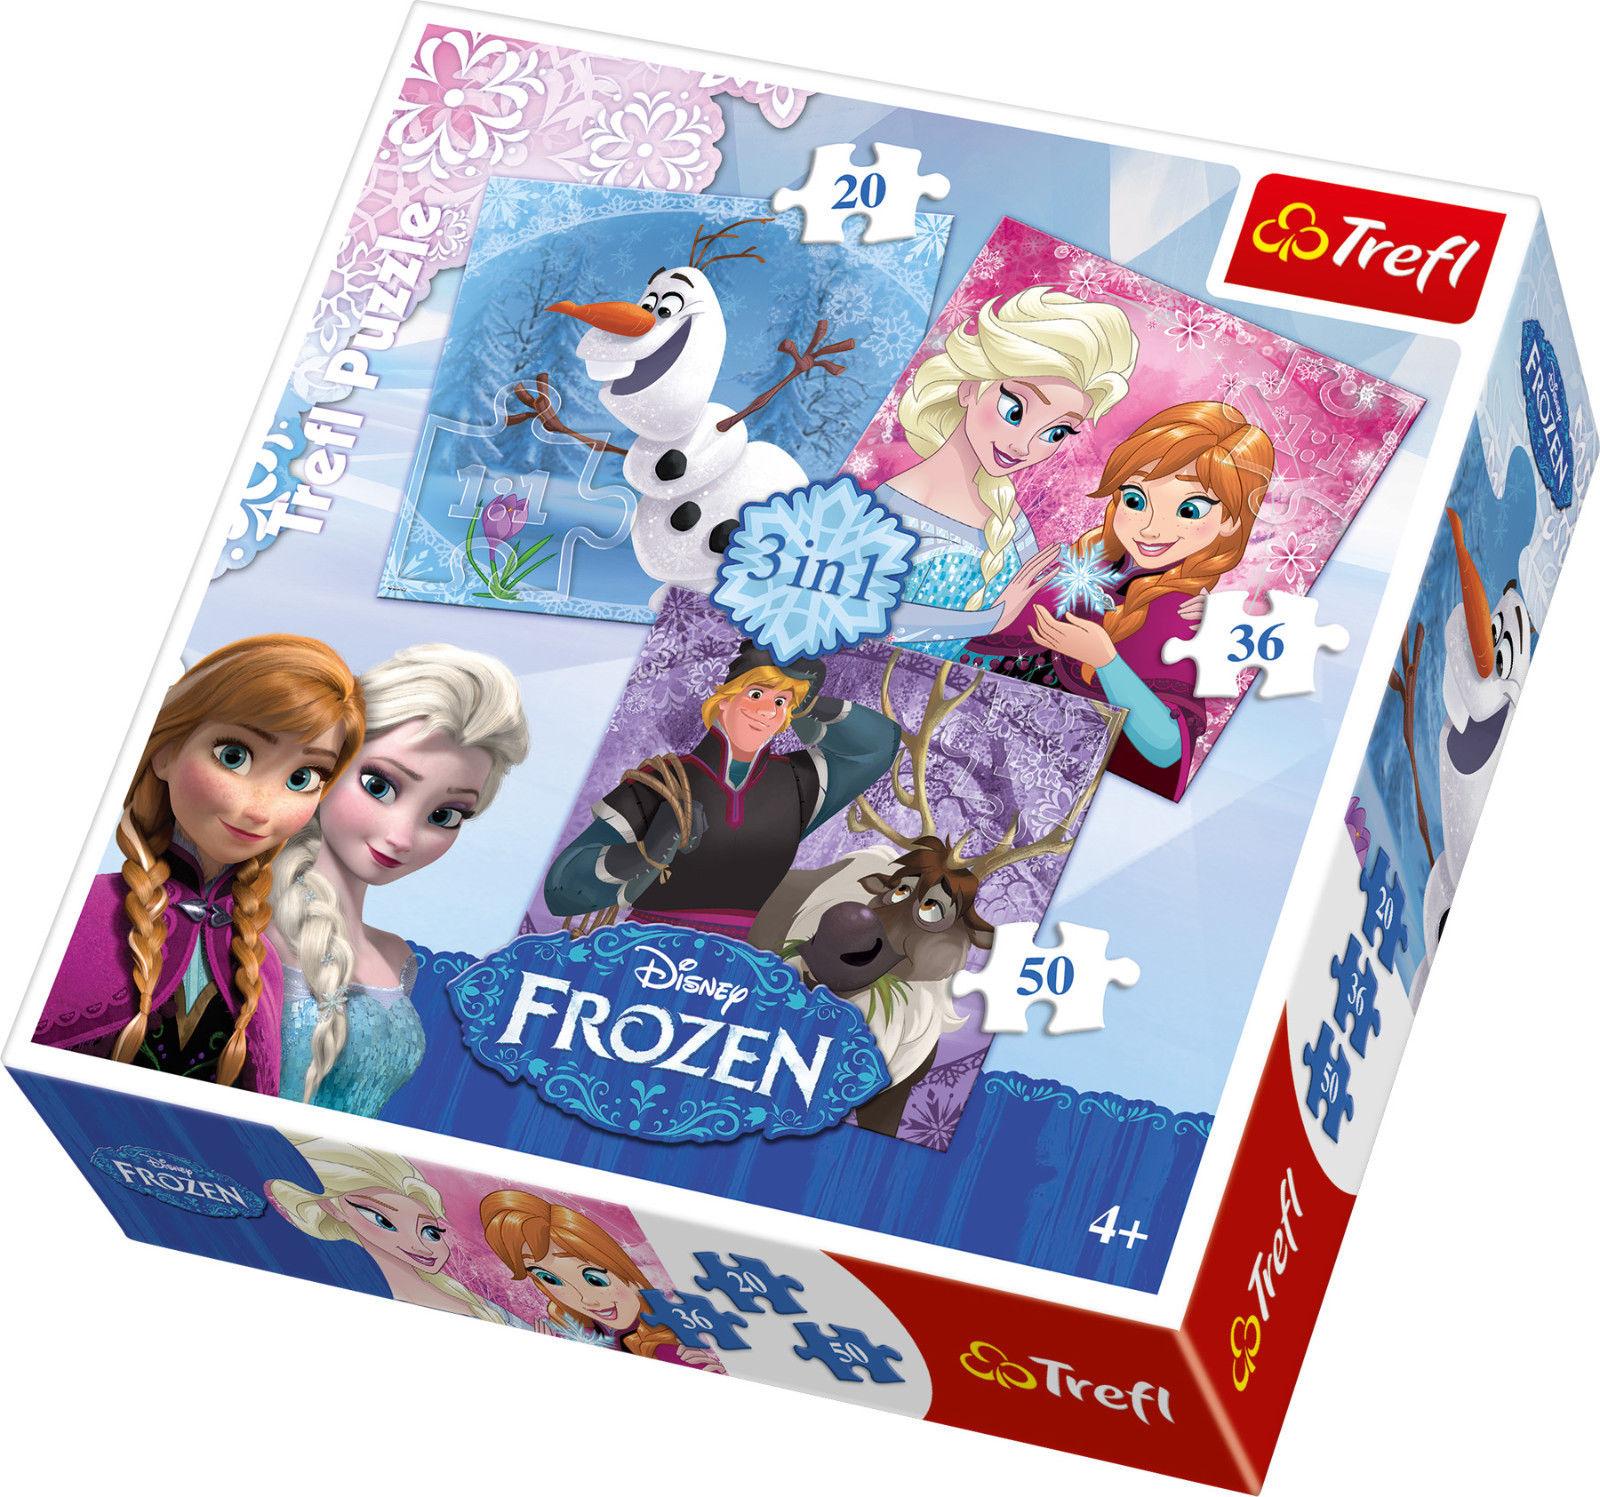 Frozen Puzzle 3 in 1 Eiskönigin Olaf Anna Elsa 20, 36 und 50 Teile Feinmotorik